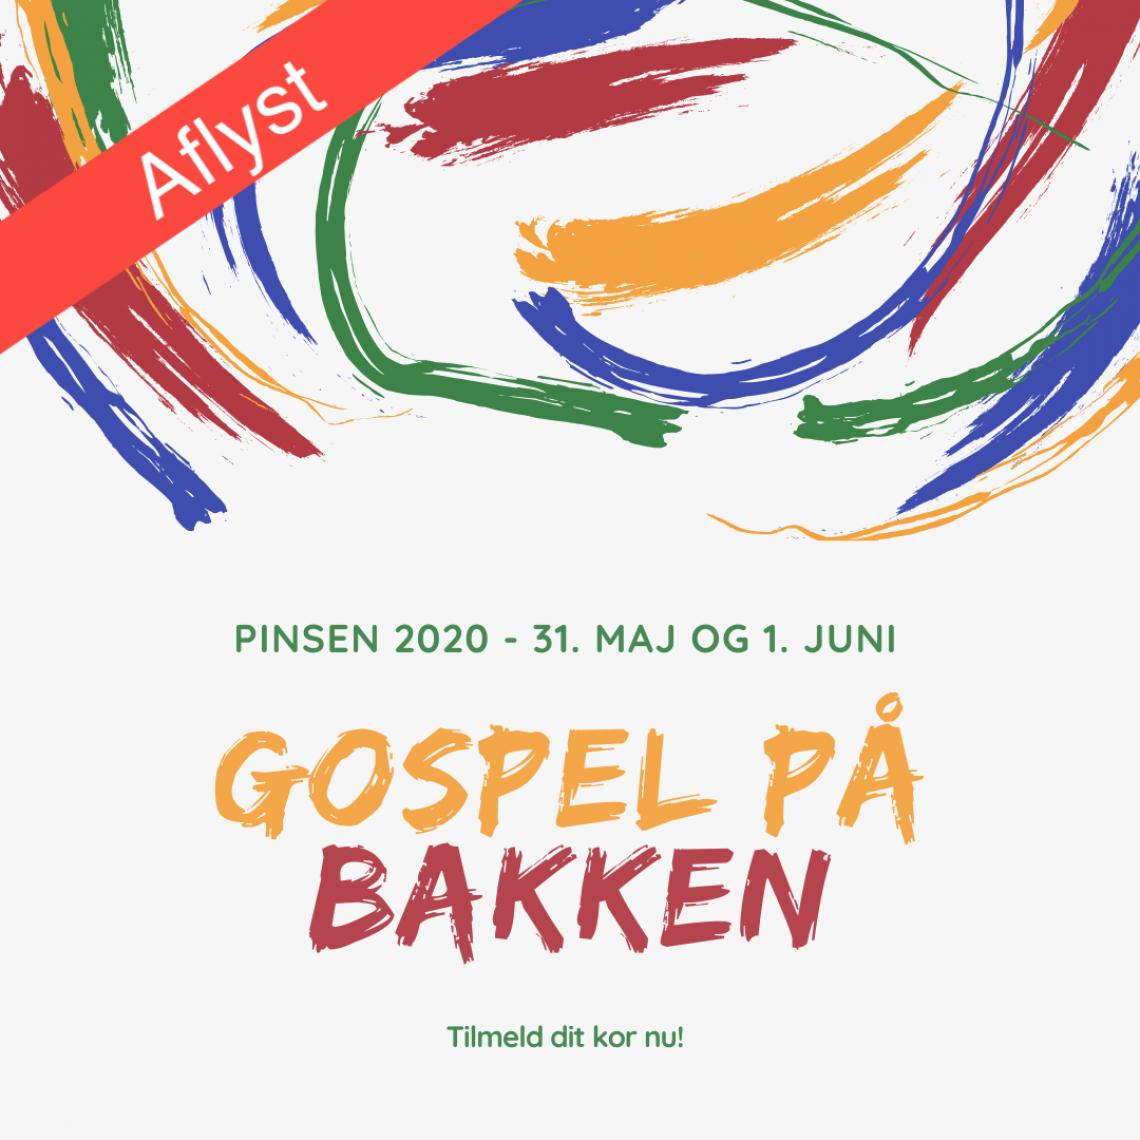 Gospel på Bakken 2020 (AFLYST)